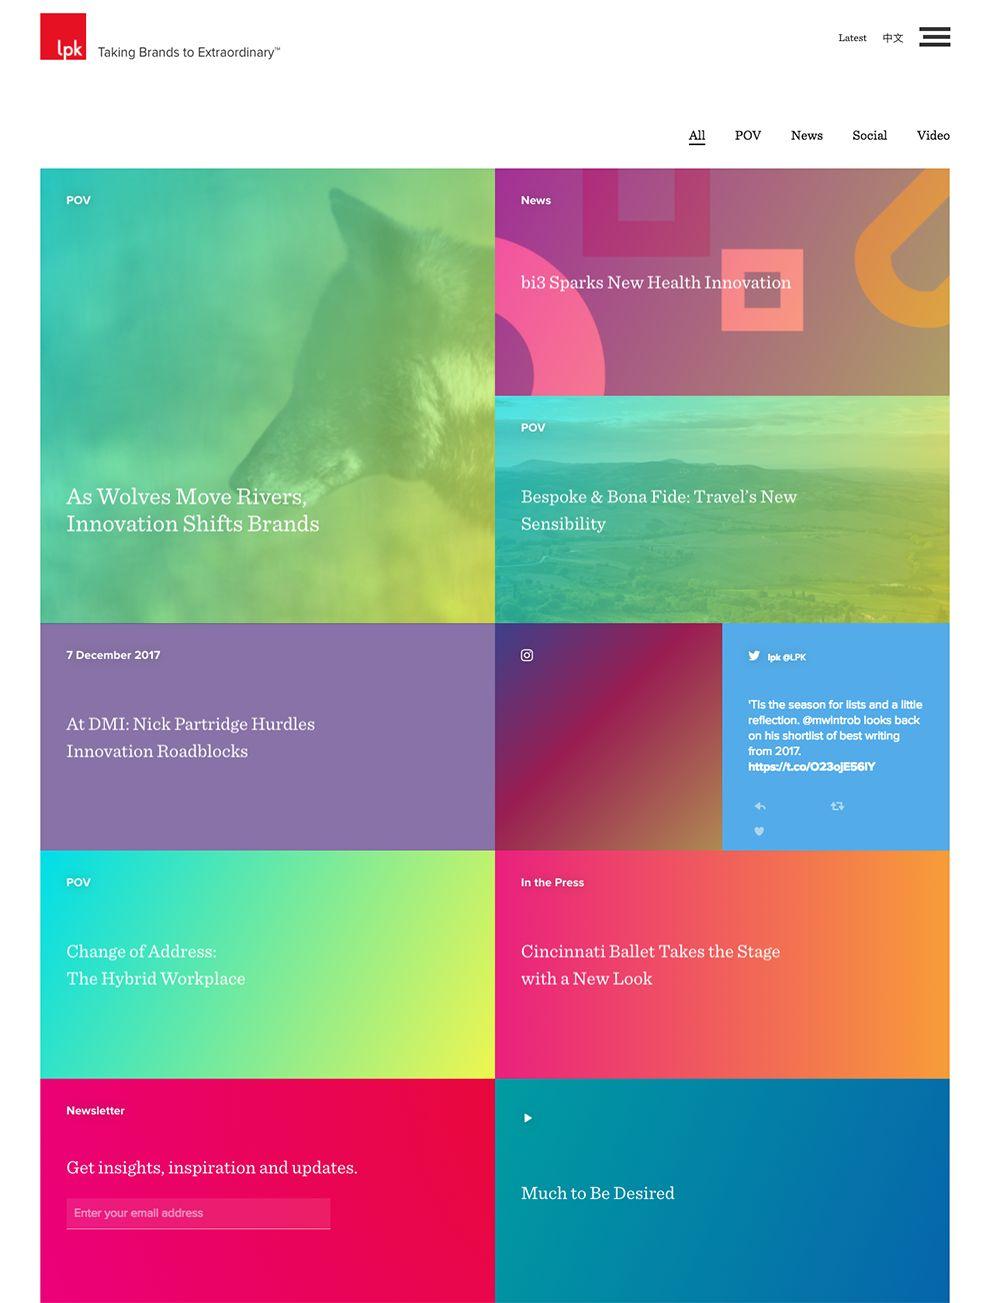 LPK Colorful News Page